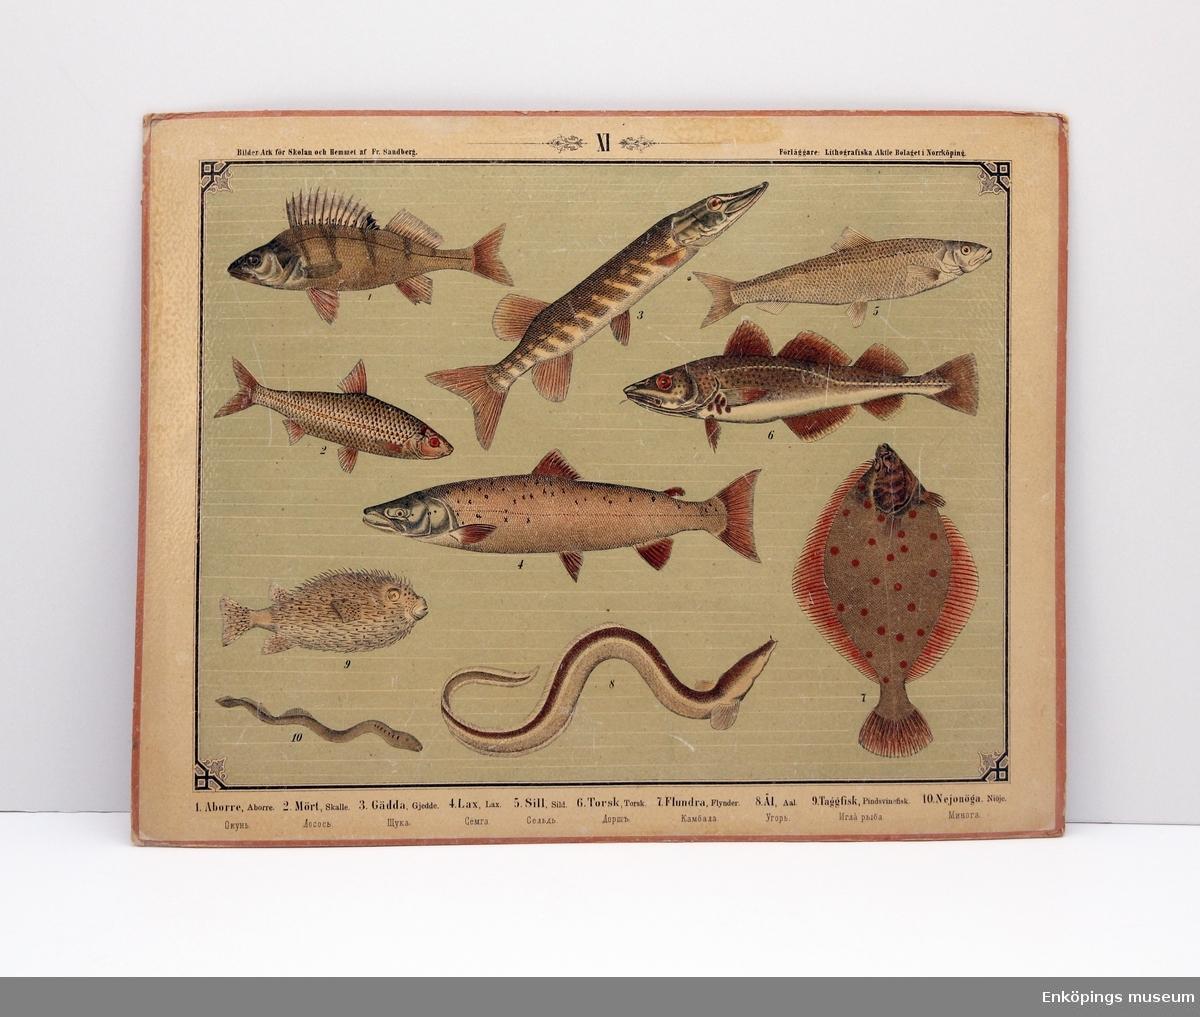 Skolplansch som visar olika fiskar. Från Litografiska Aktie Bolaget i Norrköping.  Skolplanscher användes i de flesta skolämnen under 1900-talet. År 1900 kom en ny läroplan (normalplan) där lektionerna skulle åskådliggöras för eleverna för att de skulle förstå bättre. Detta gjorde att räknestavar, skolplanscher, stora kartor och den svarta tavlan blev viktiga skolredskap.